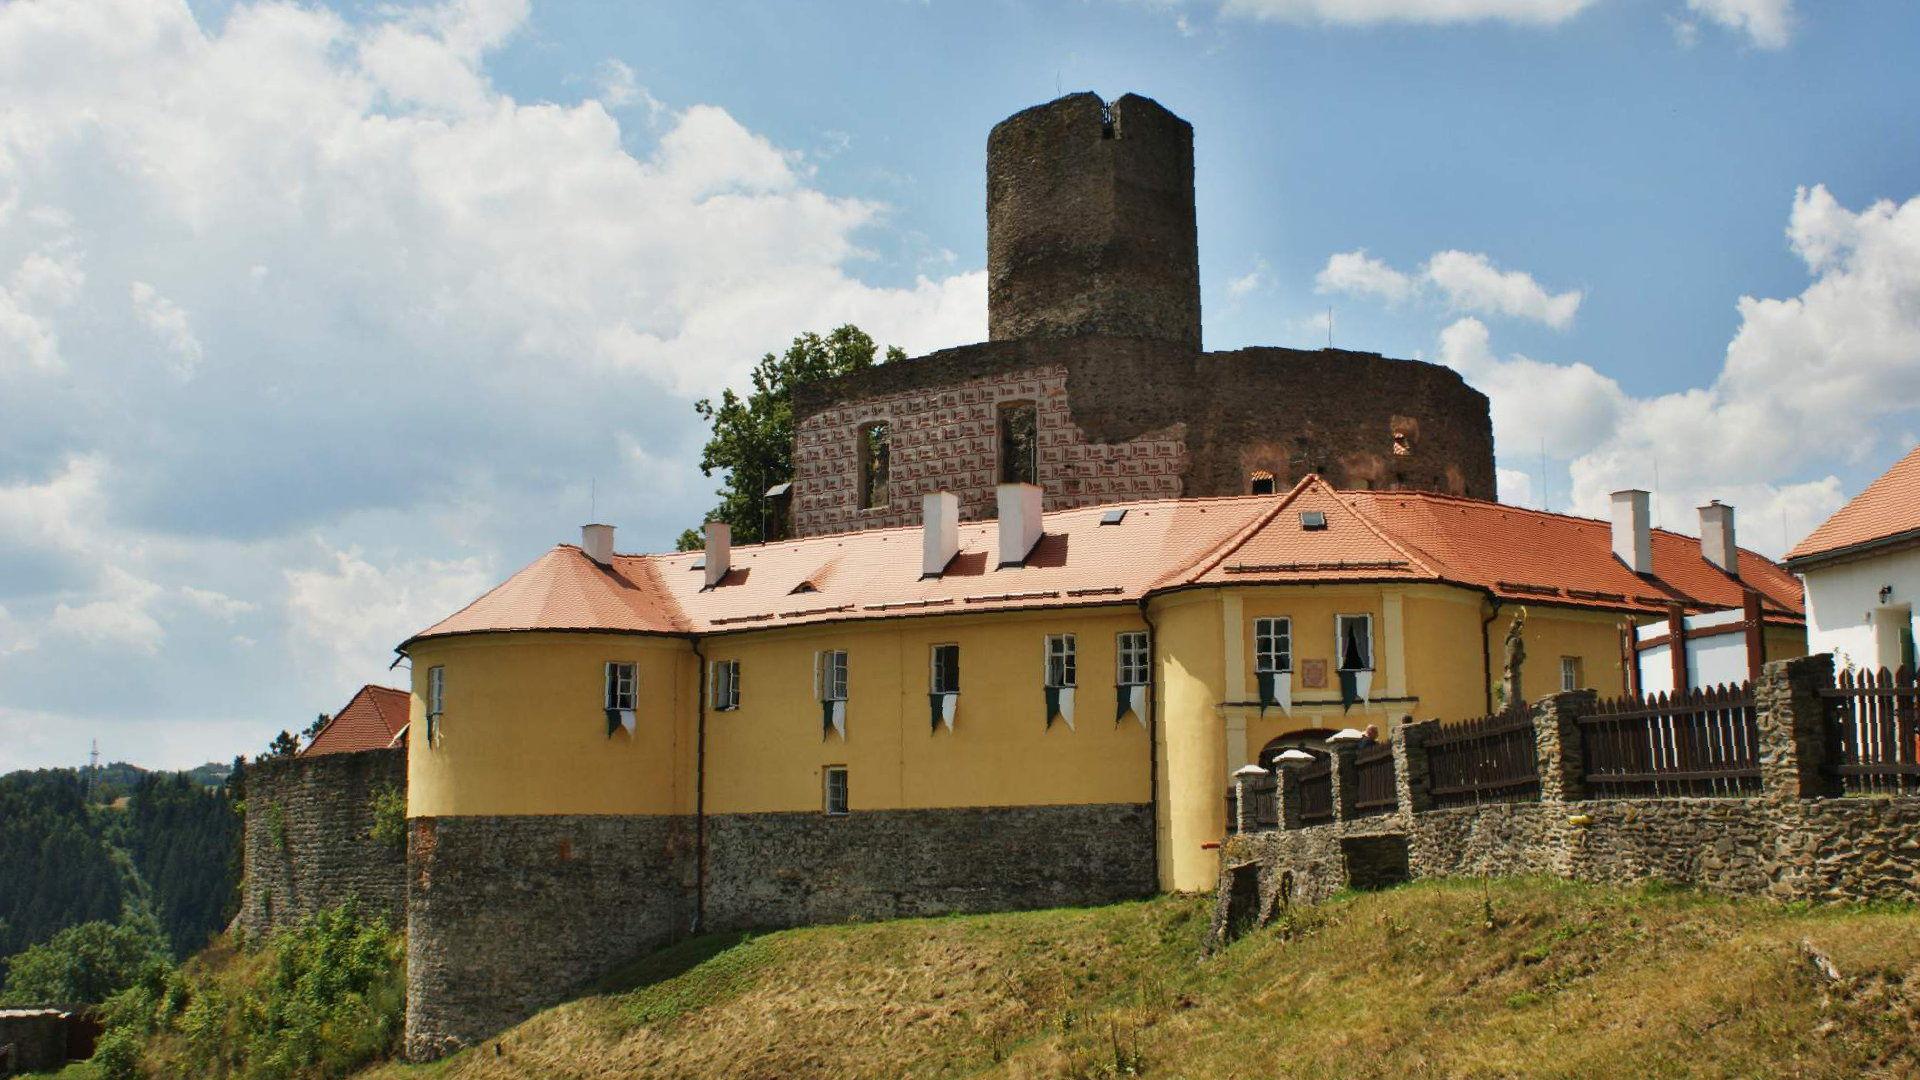 Hrad Svojanov – Akce, otevírací doba, pověsti a duchové